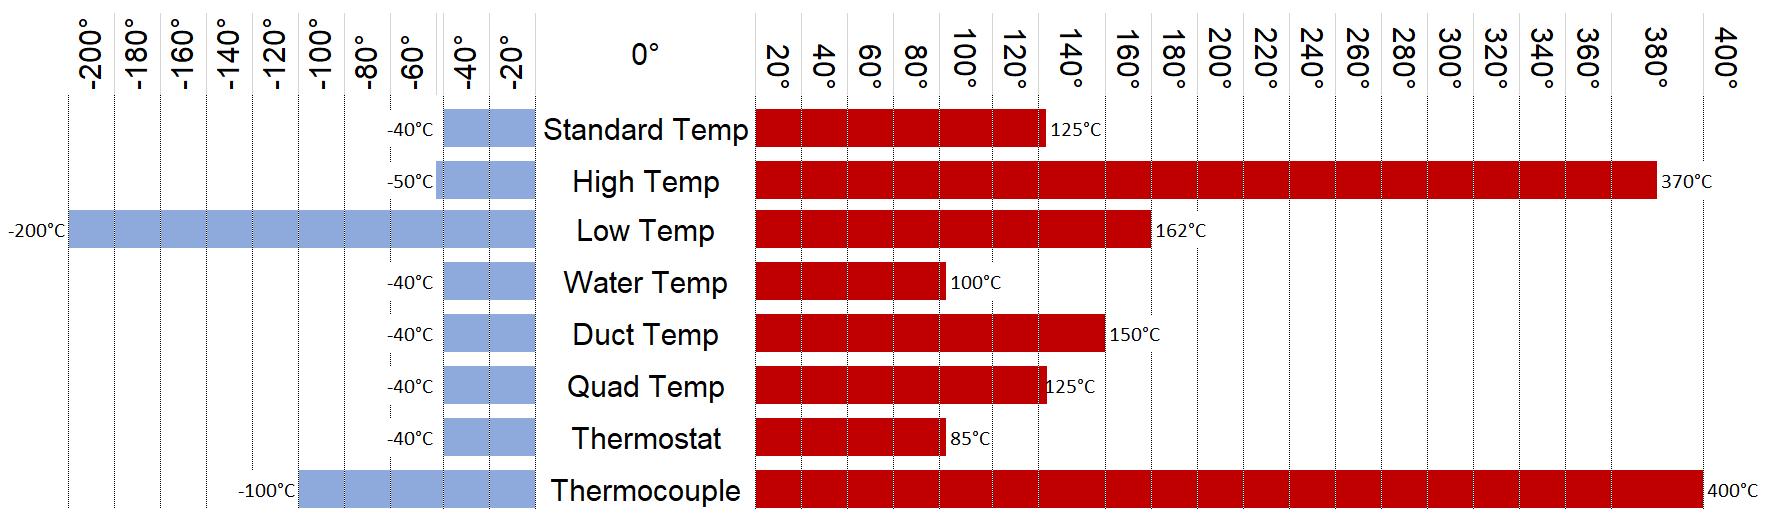 Temperature Range Comparison Chart